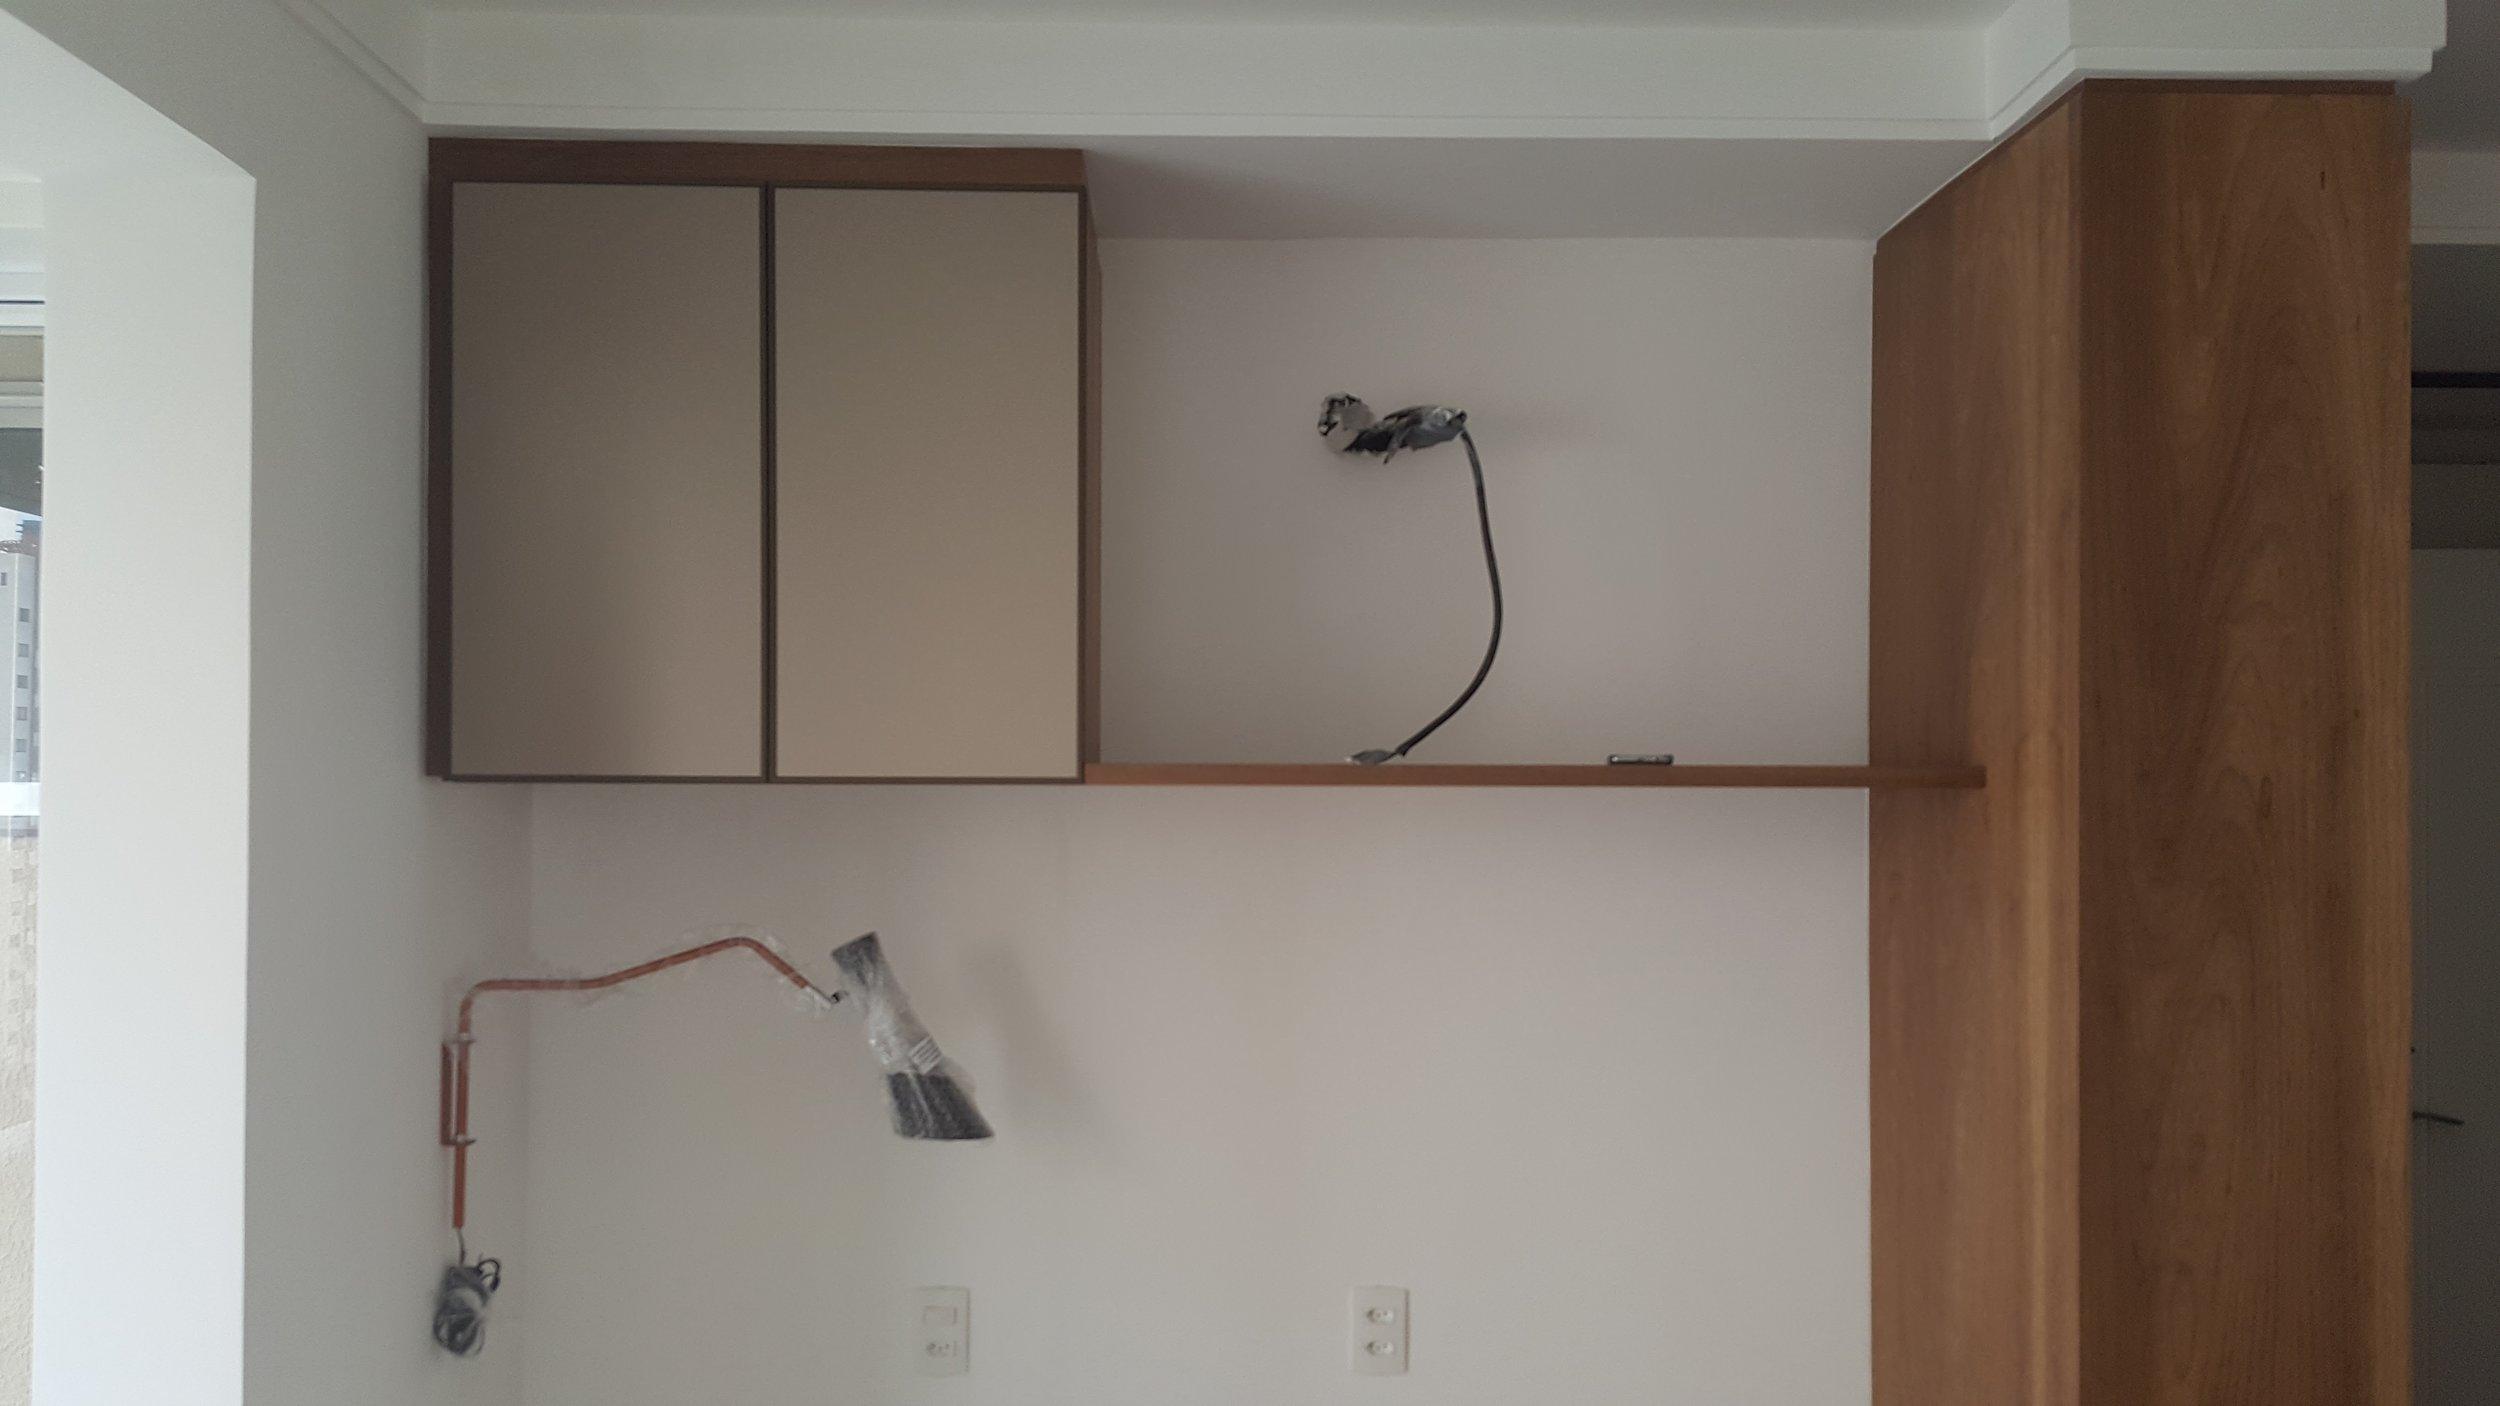 marcenaria e luminárias instaladas. nesta parede ainda falta o papel de parede